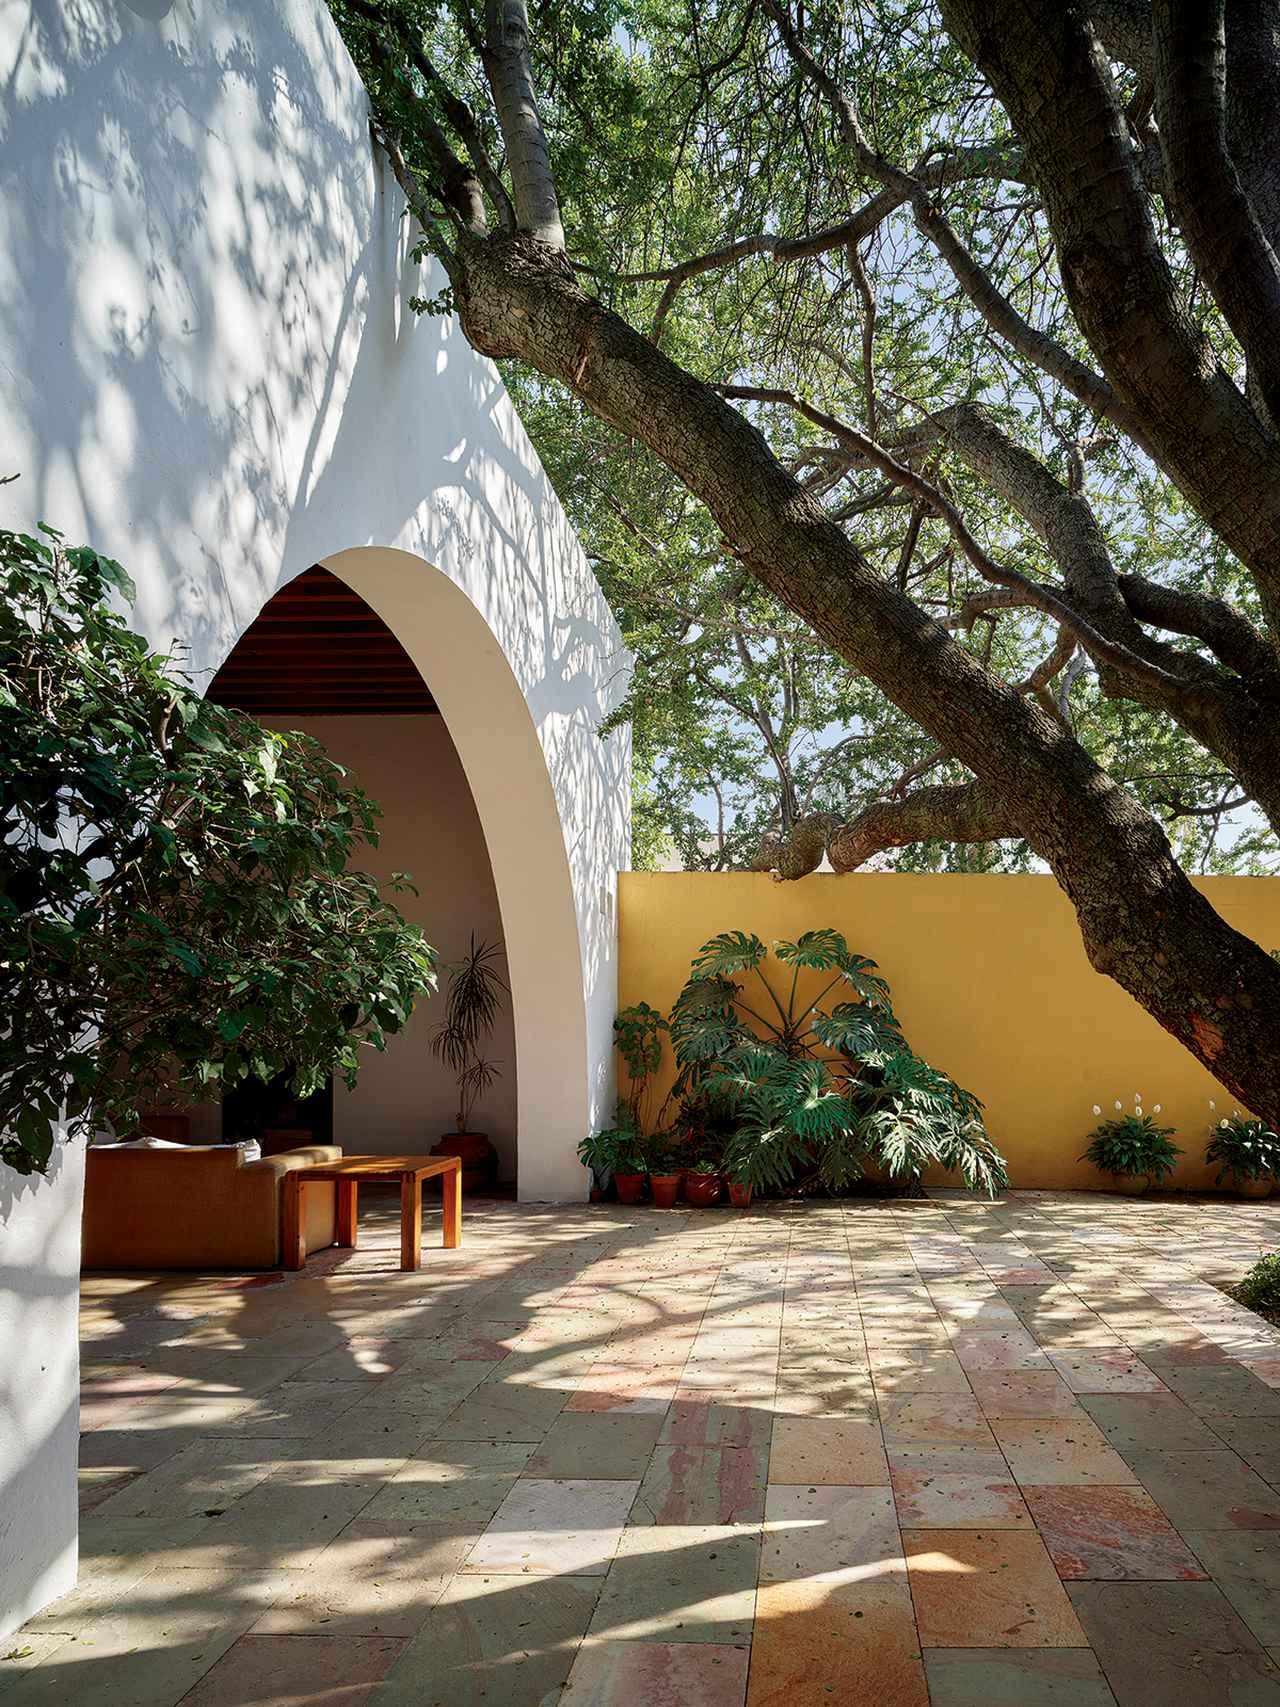 Images : 2番目の画像 - 「伝統と新風が共存する メキシコ第二の都市 グアダラハラの建築<前編>」のアルバム - T JAPAN:The New York Times Style Magazine 公式サイト